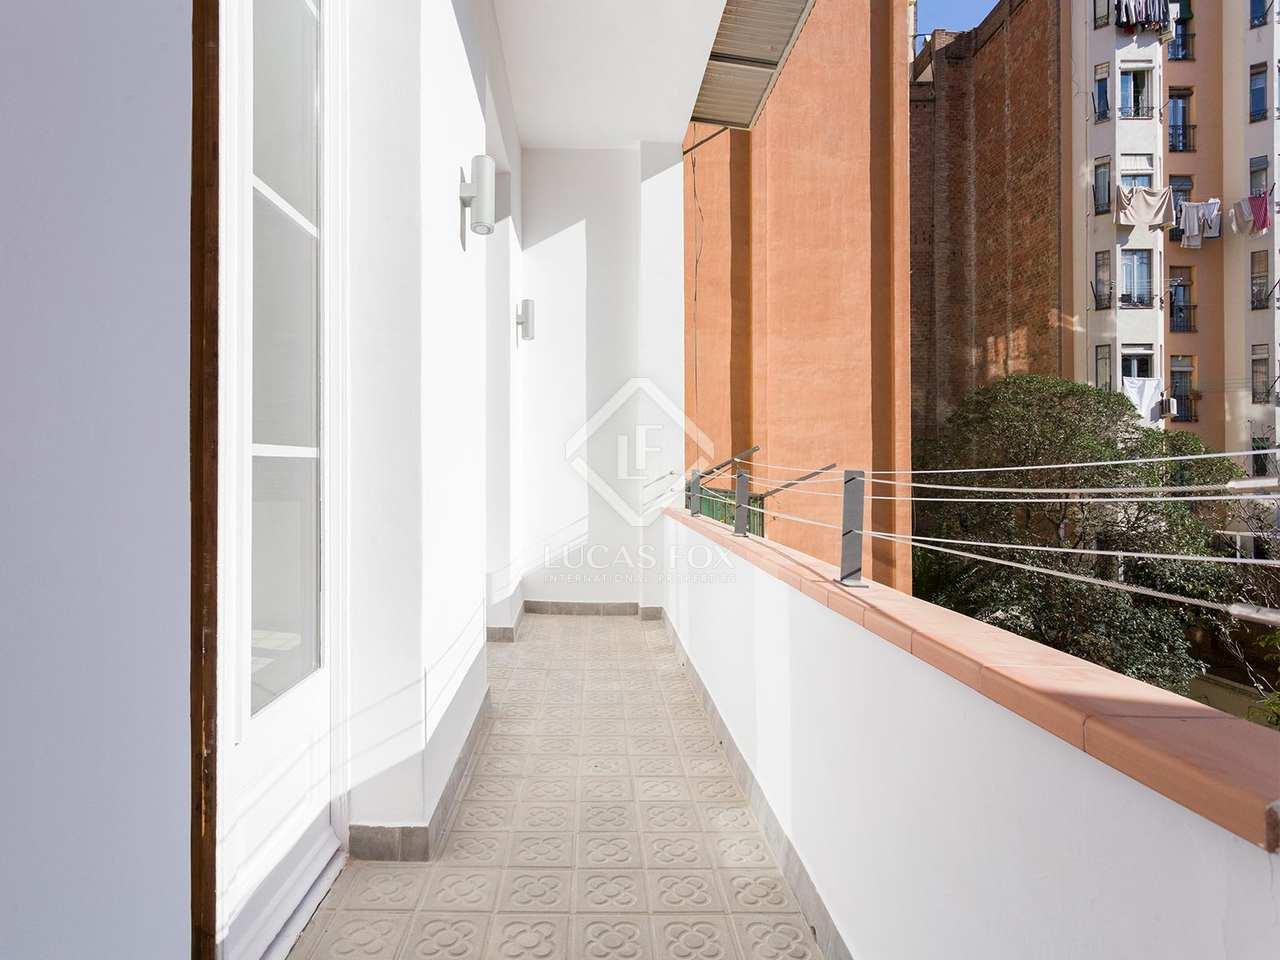 145m wohnung mit 15m terrasse zur miete in eixample rechts. Black Bedroom Furniture Sets. Home Design Ideas